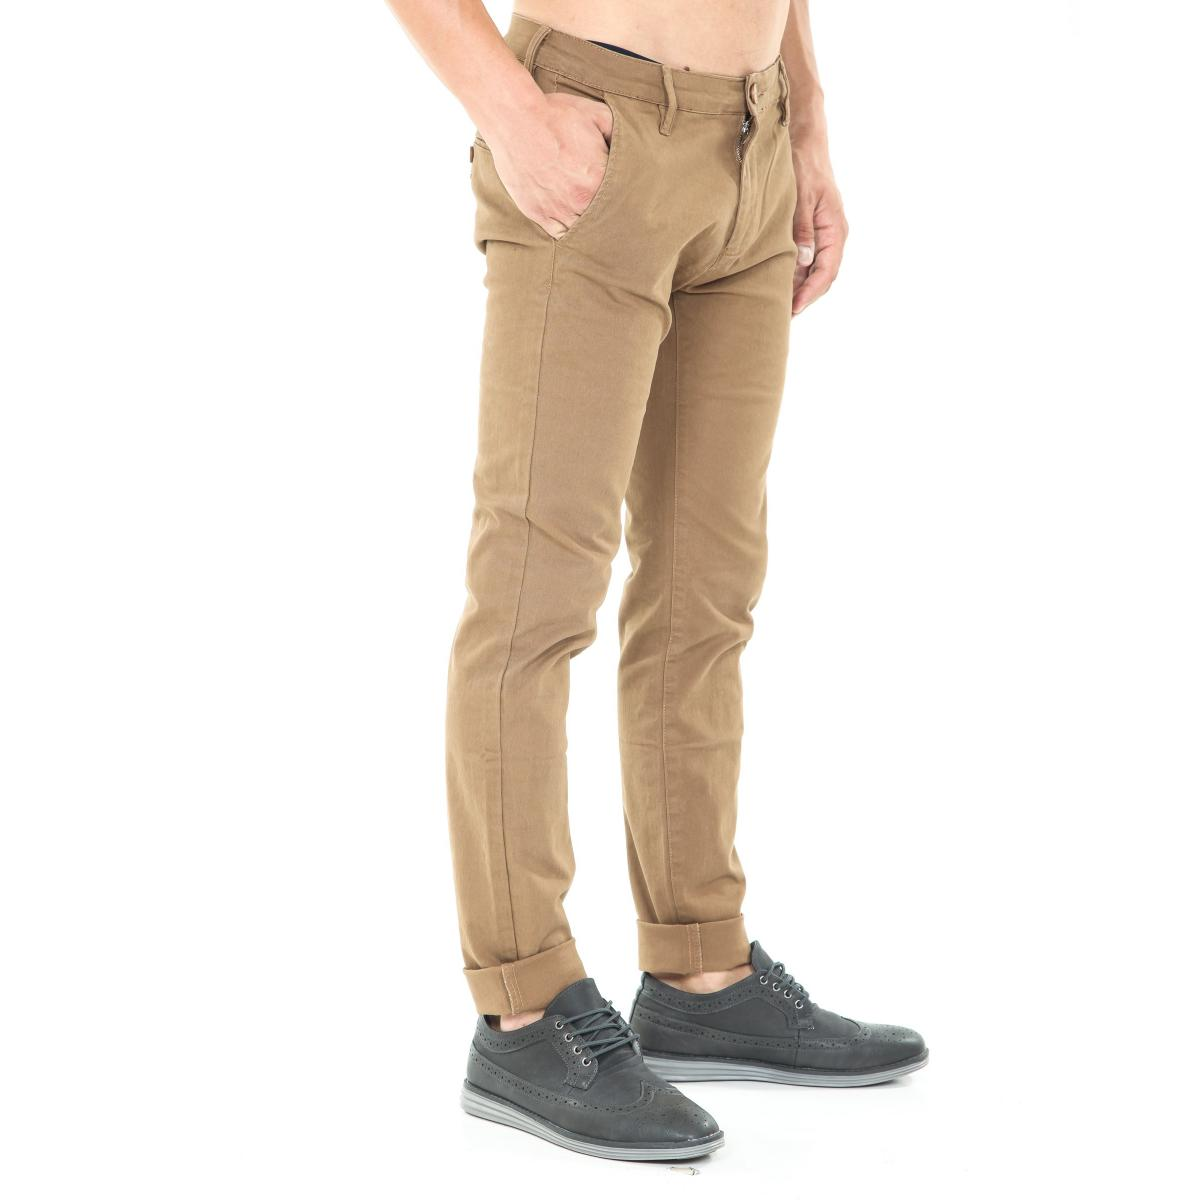 Pantaloni da uomo chinos tasche america in cotone elasticizzato